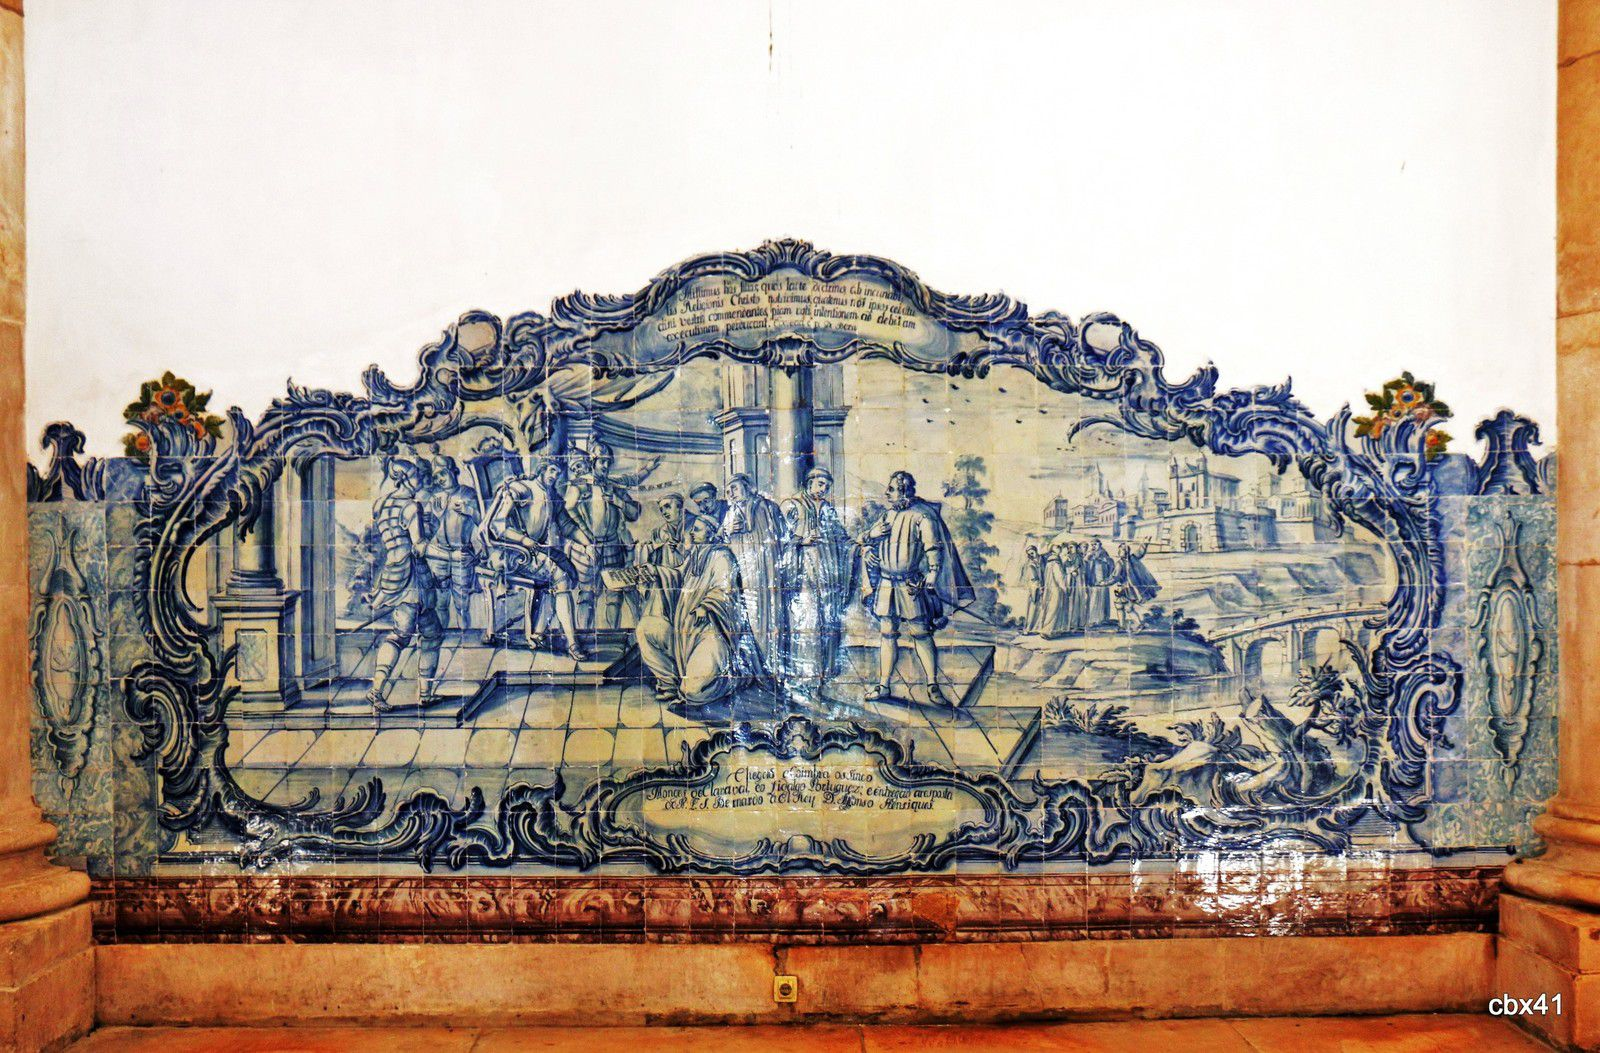 Panneaux d'azulejos, salle des Rois du monastère d'Alcobaça (Portugal)